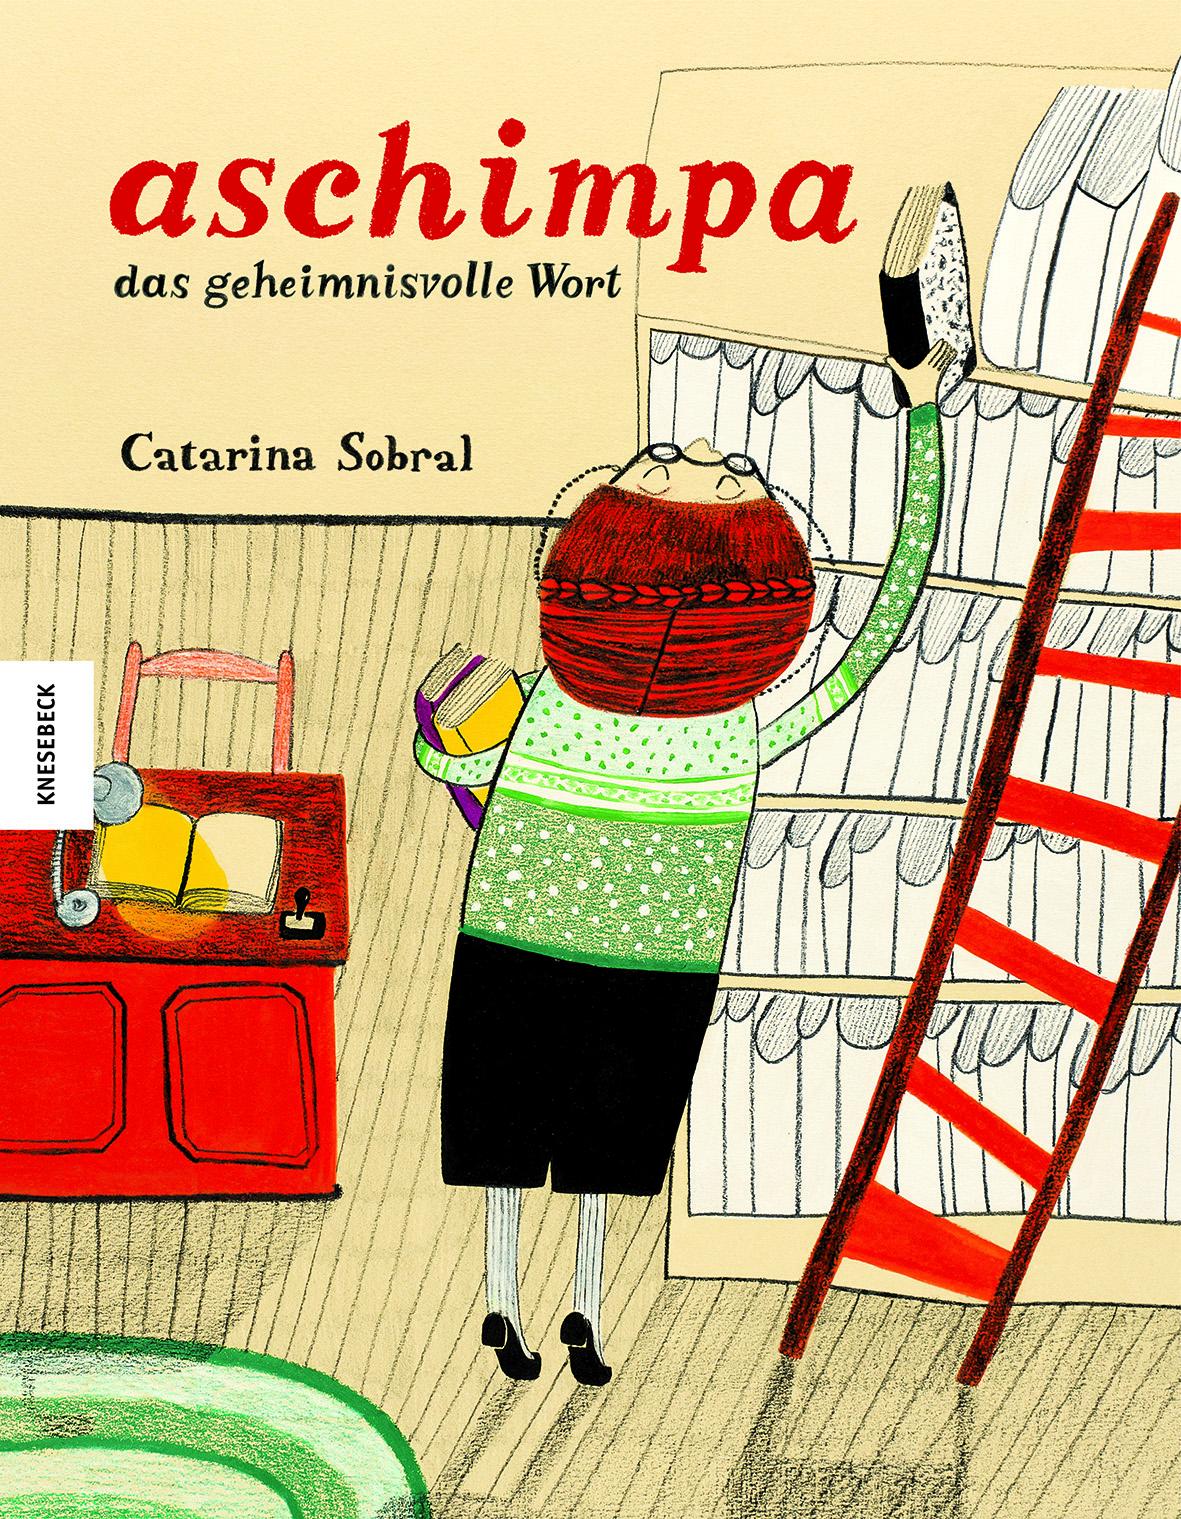 (c) Sobral, Catarina: aschimpa, das geheimnisvolle Wort. Knesebeck.